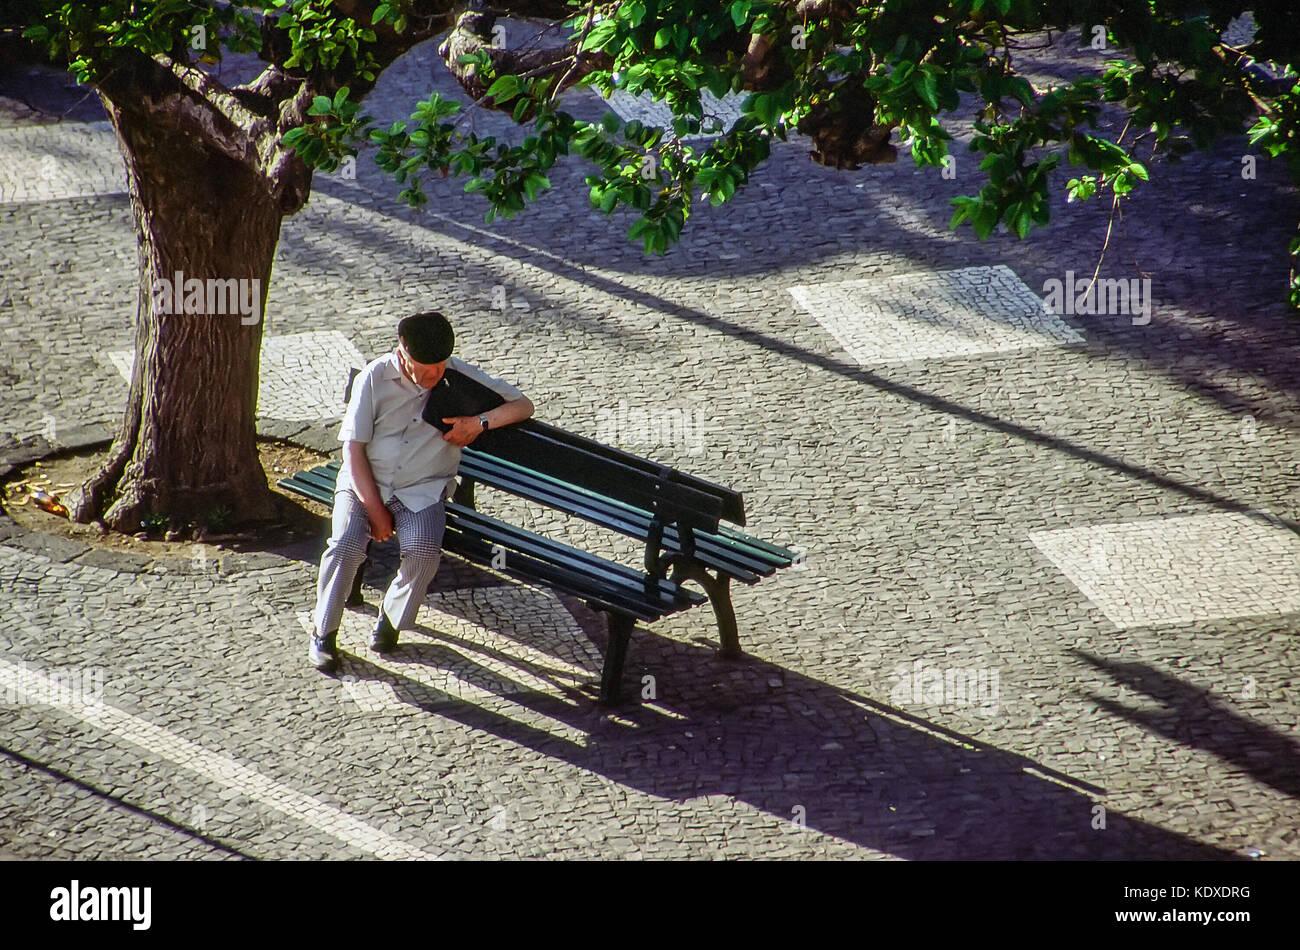 Ein älterer Mann sitzt alleine auf einer Parkbank in Angra do Hiroismo, auf der Insel Terceira, Azoren. Die Stockbild